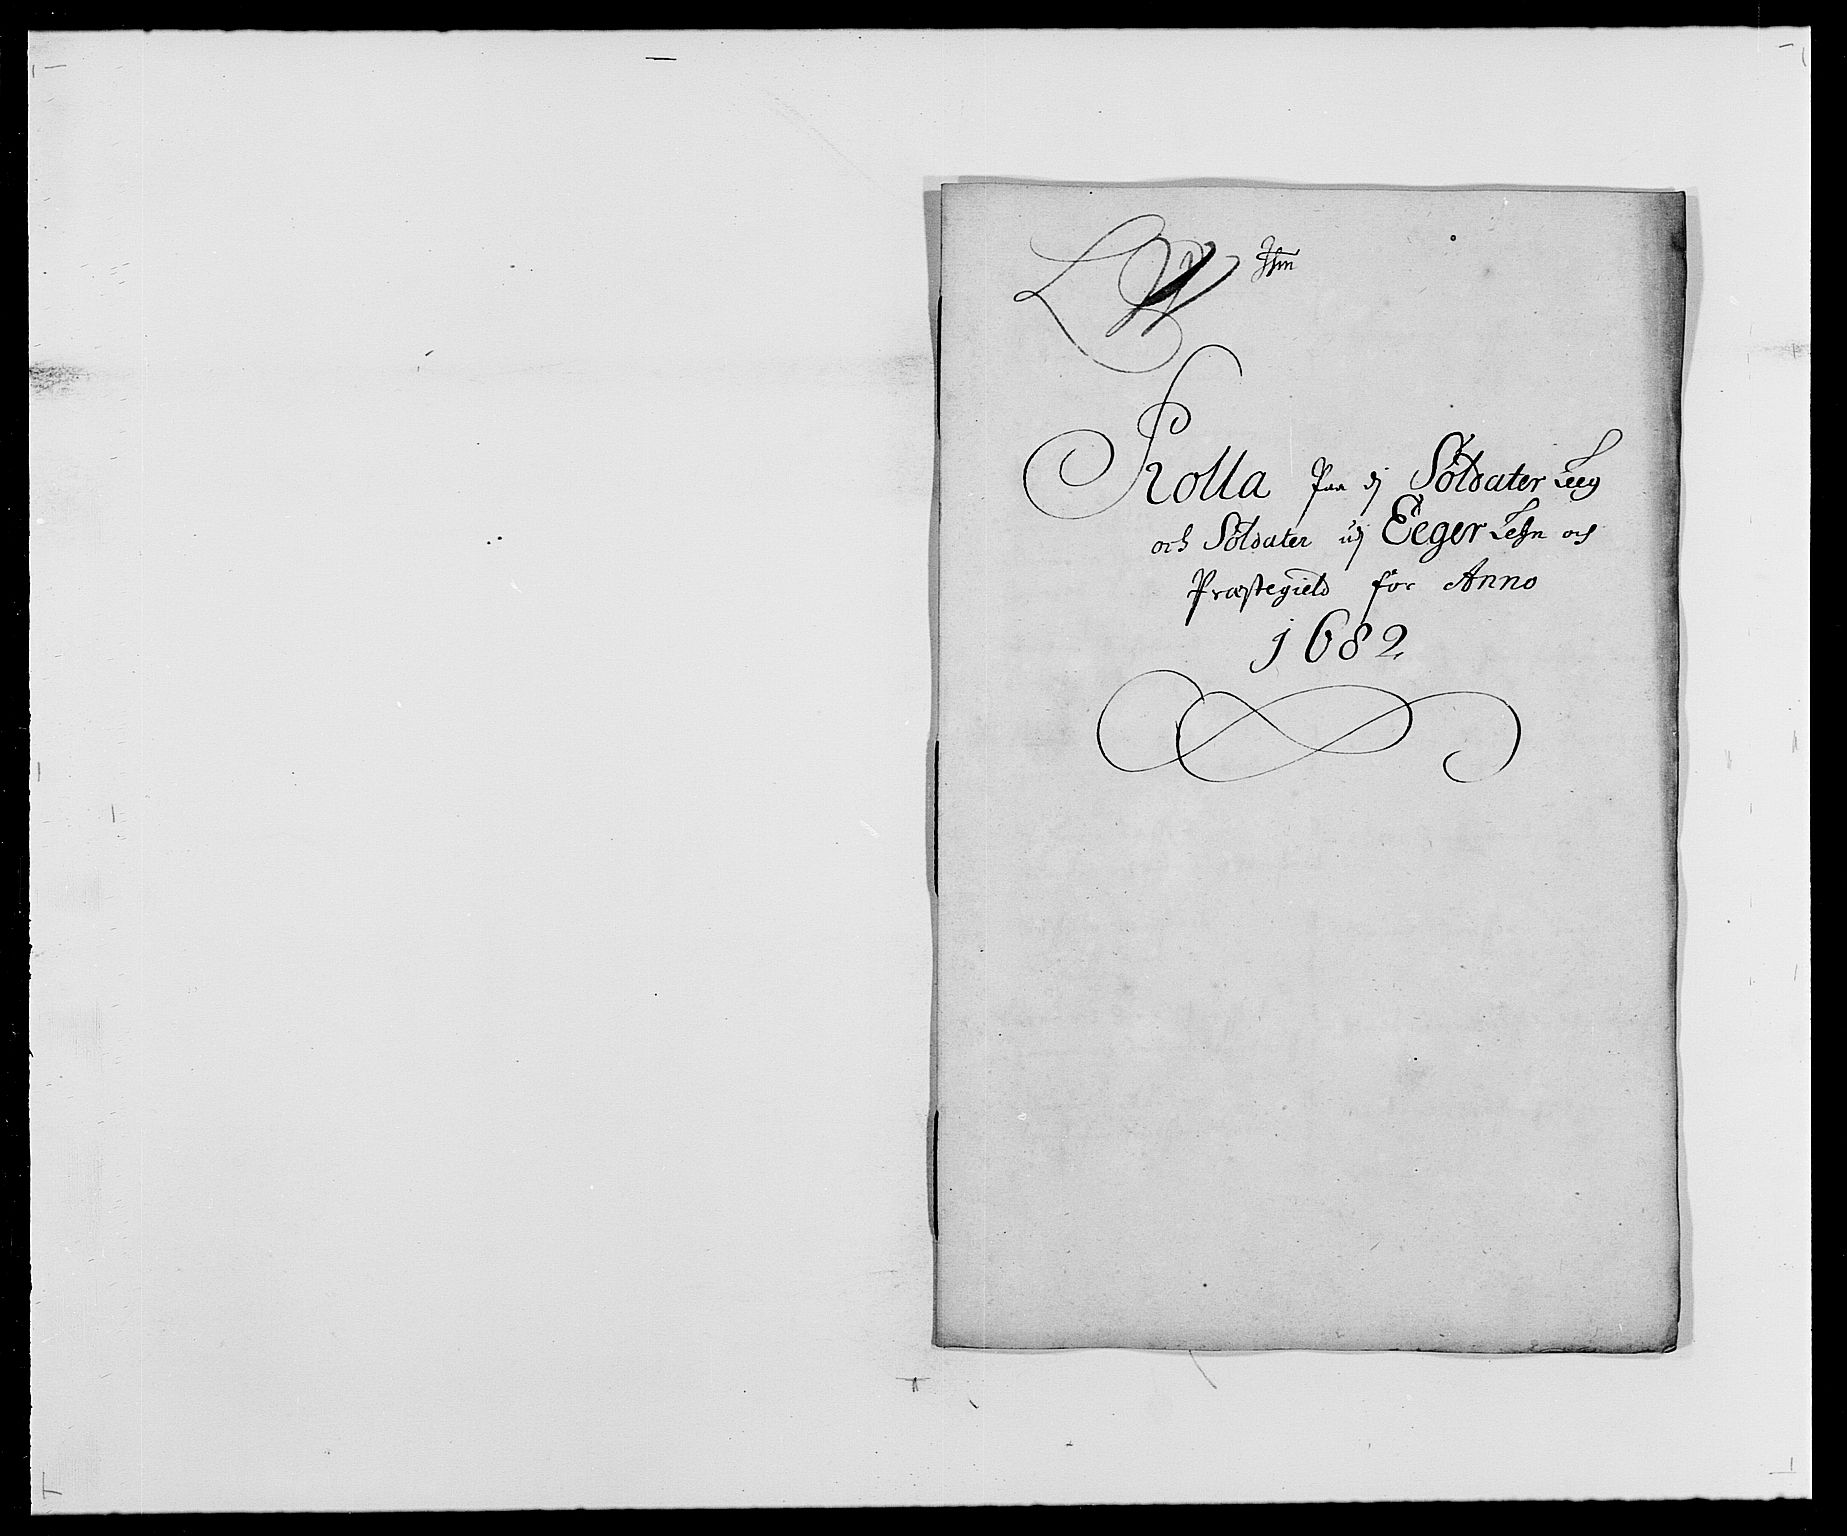 RA, Rentekammeret inntil 1814, Reviderte regnskaper, Fogderegnskap, R26/L1684: Fogderegnskap Eiker, 1679-1686, s. 301